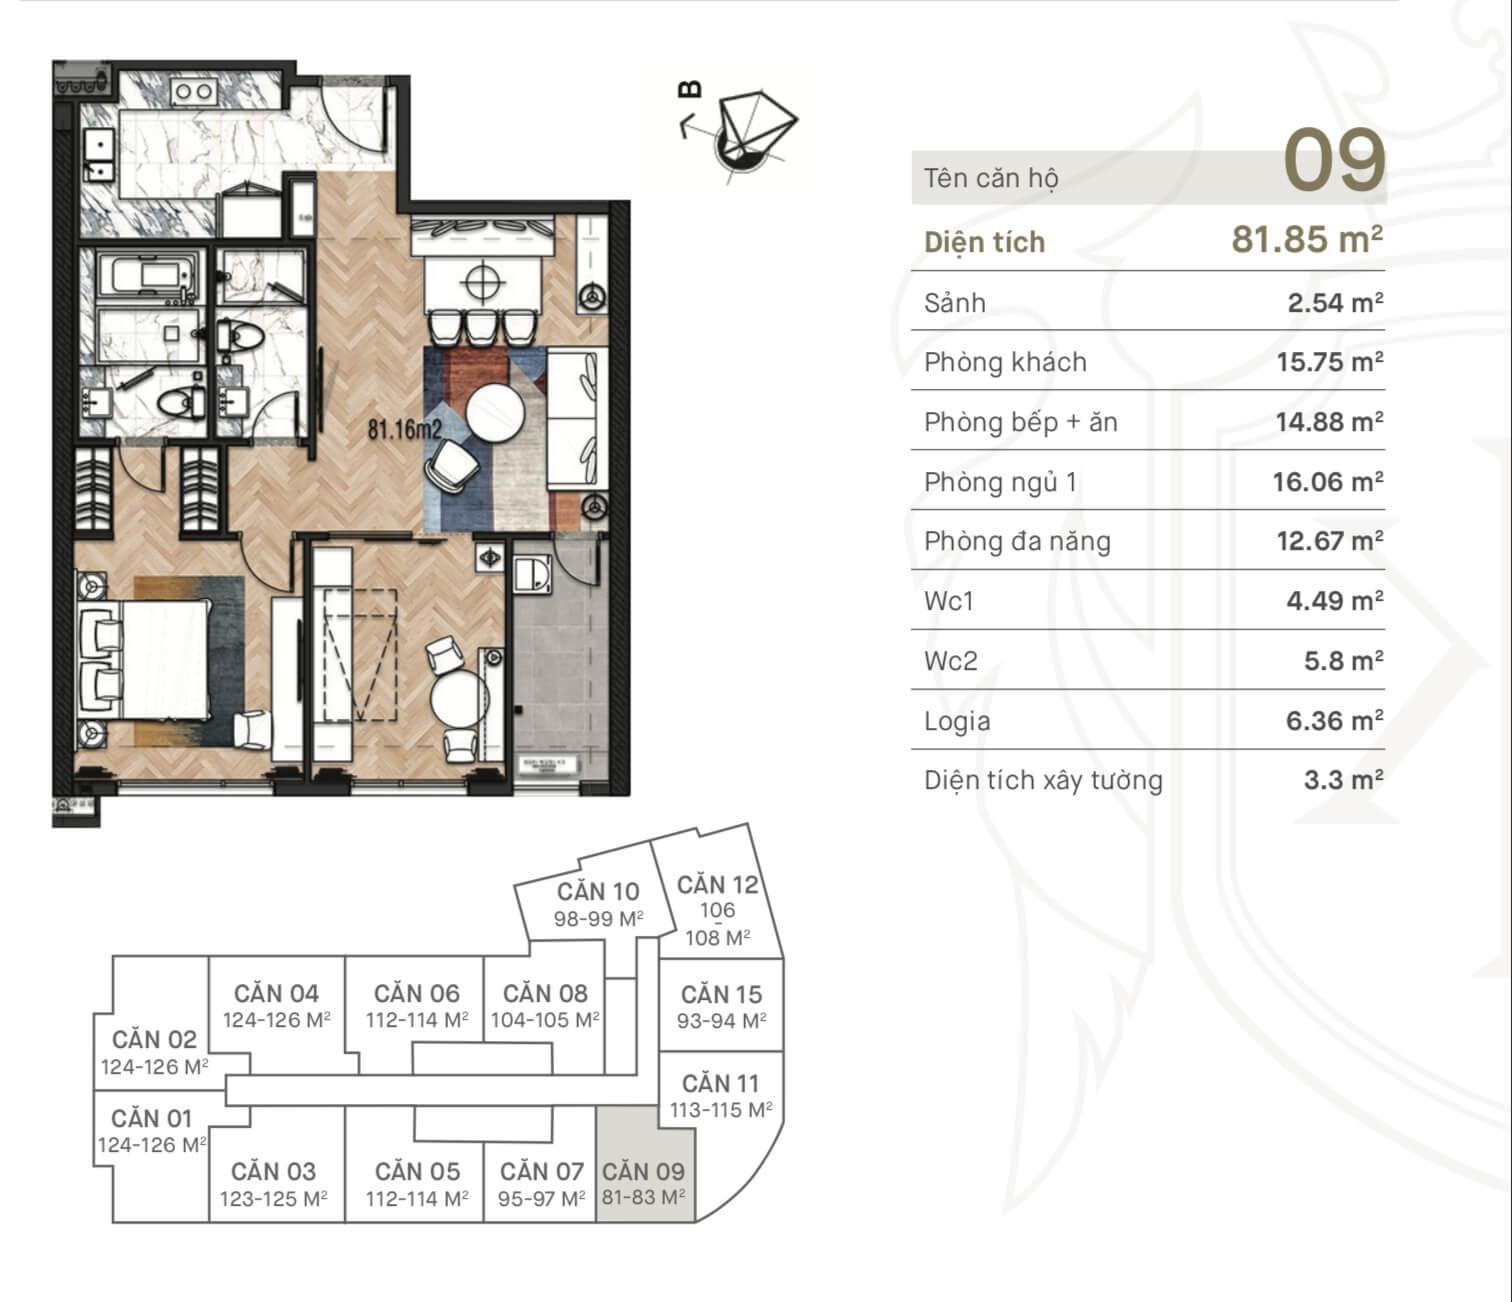 Thiết kế căn hộ 09 King Palace 108 Nguyễn Trãi